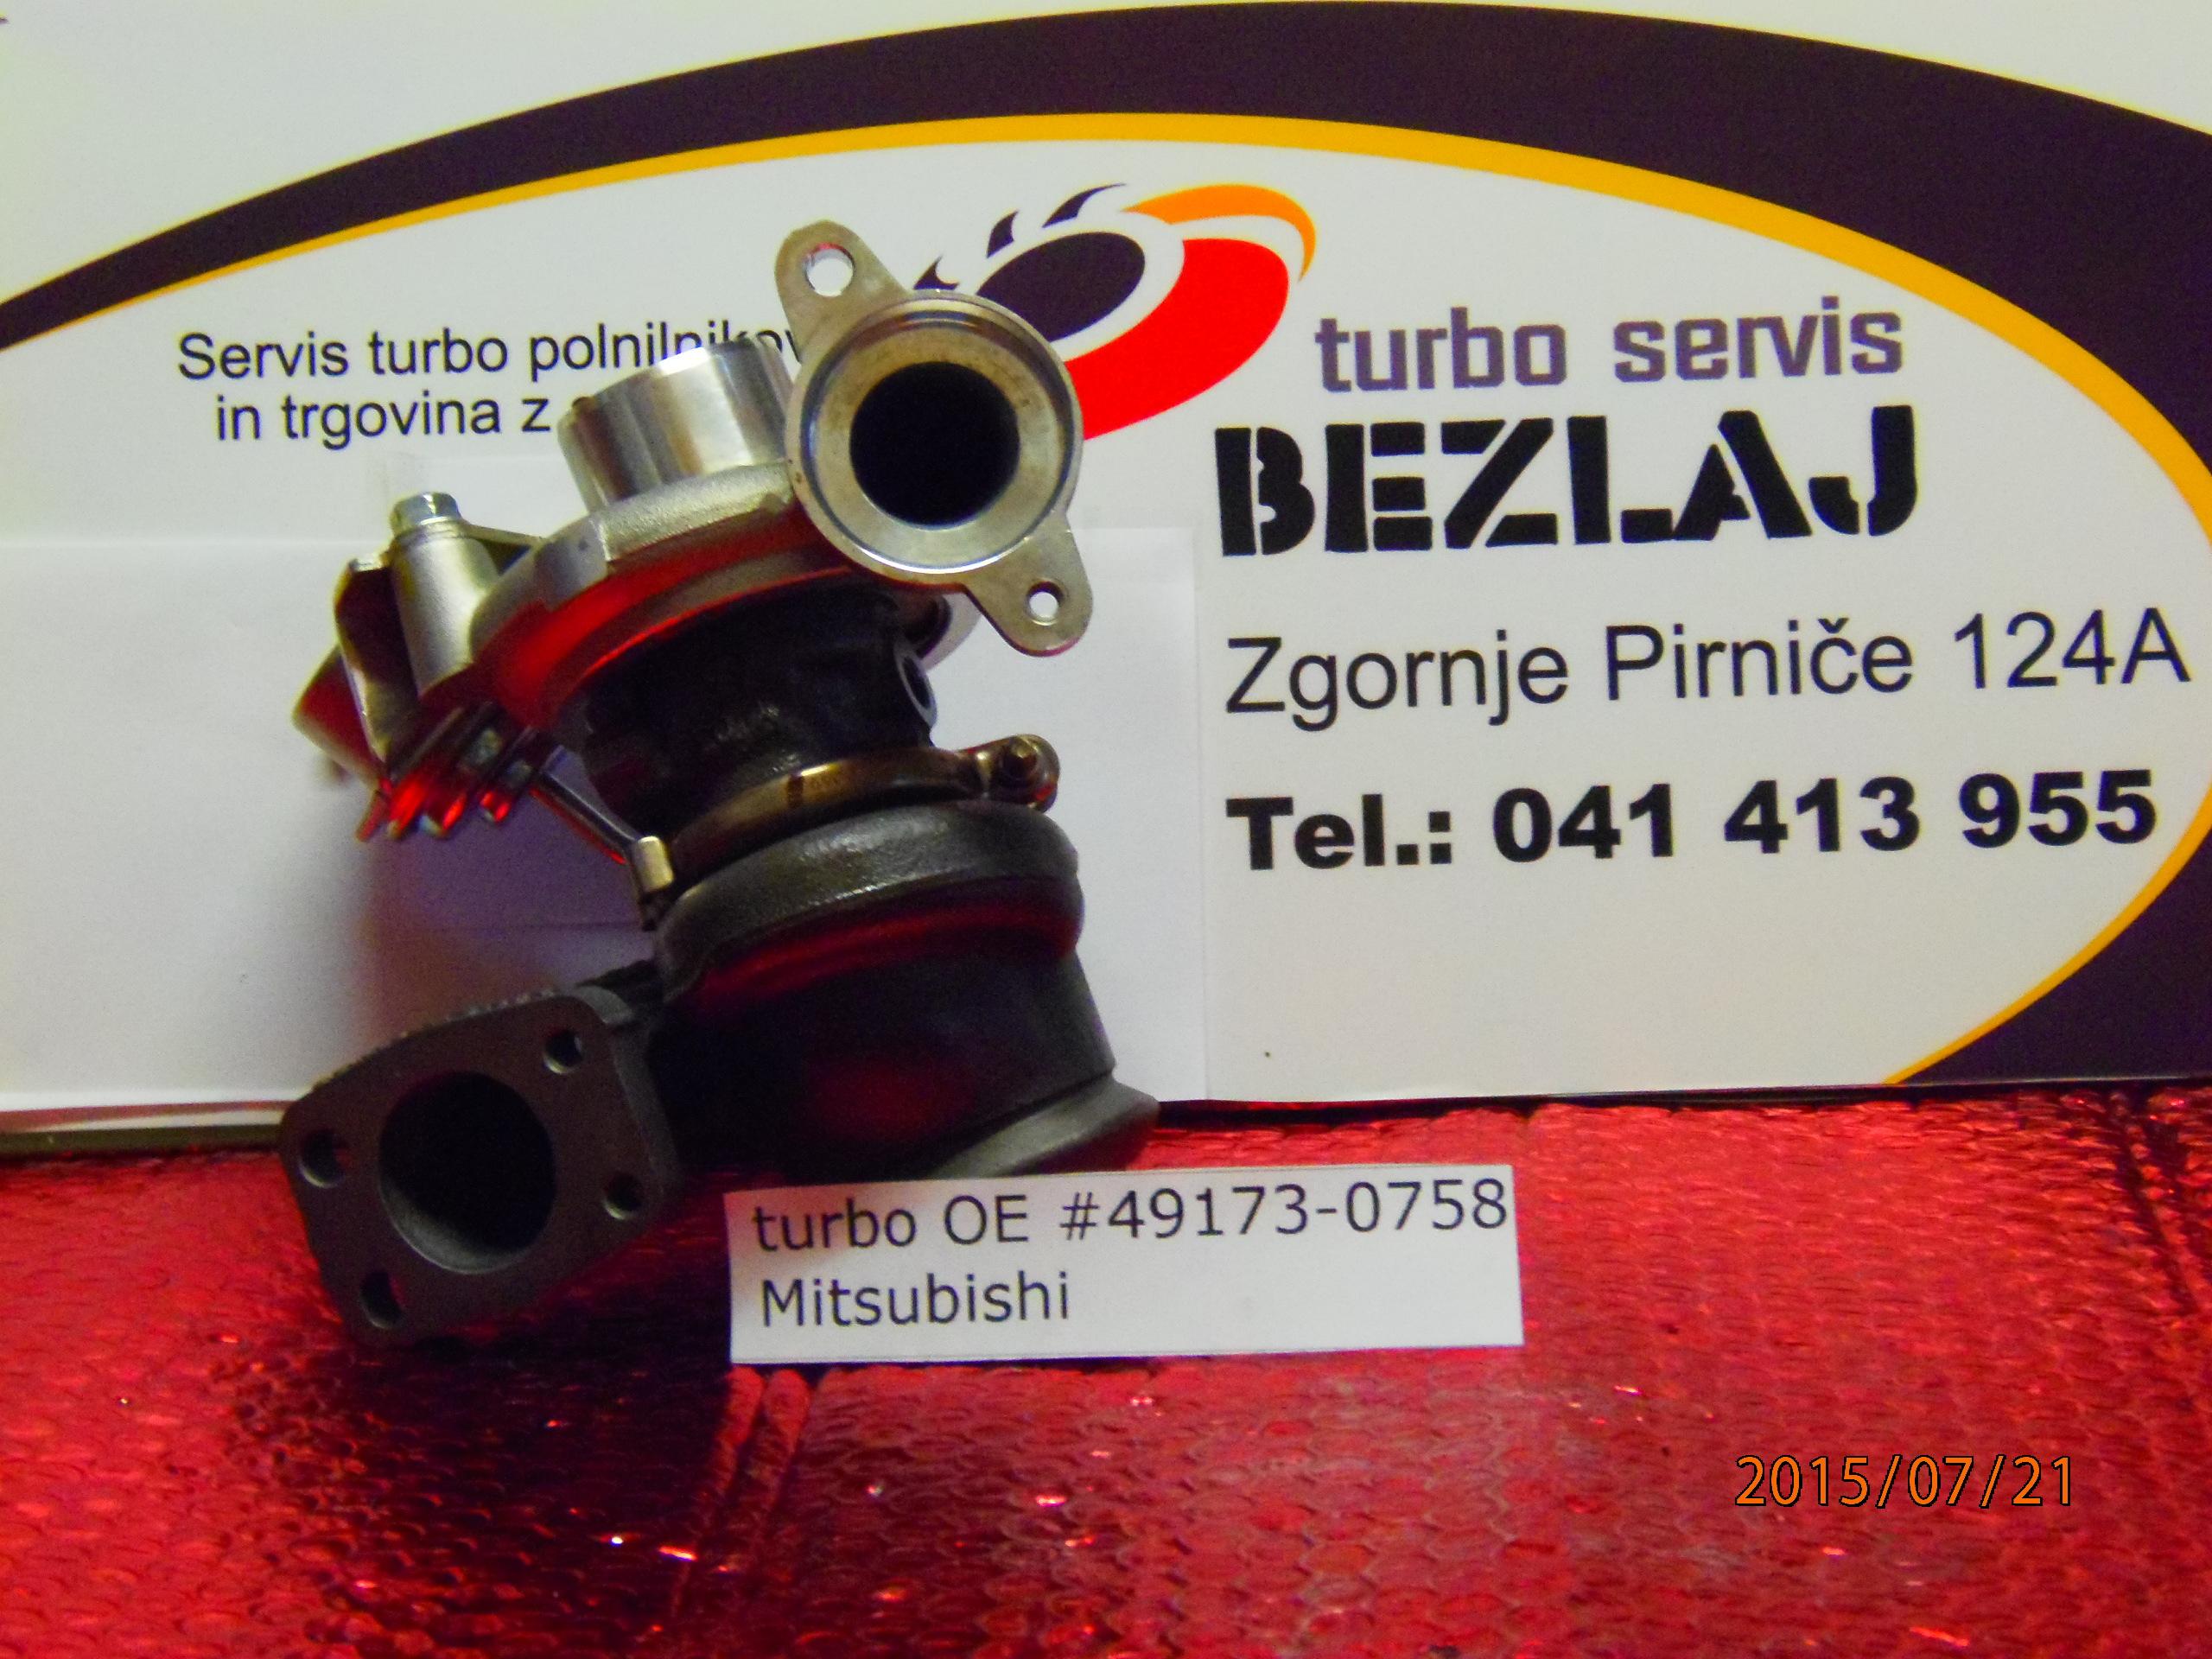 turbo49173-0758 (2)